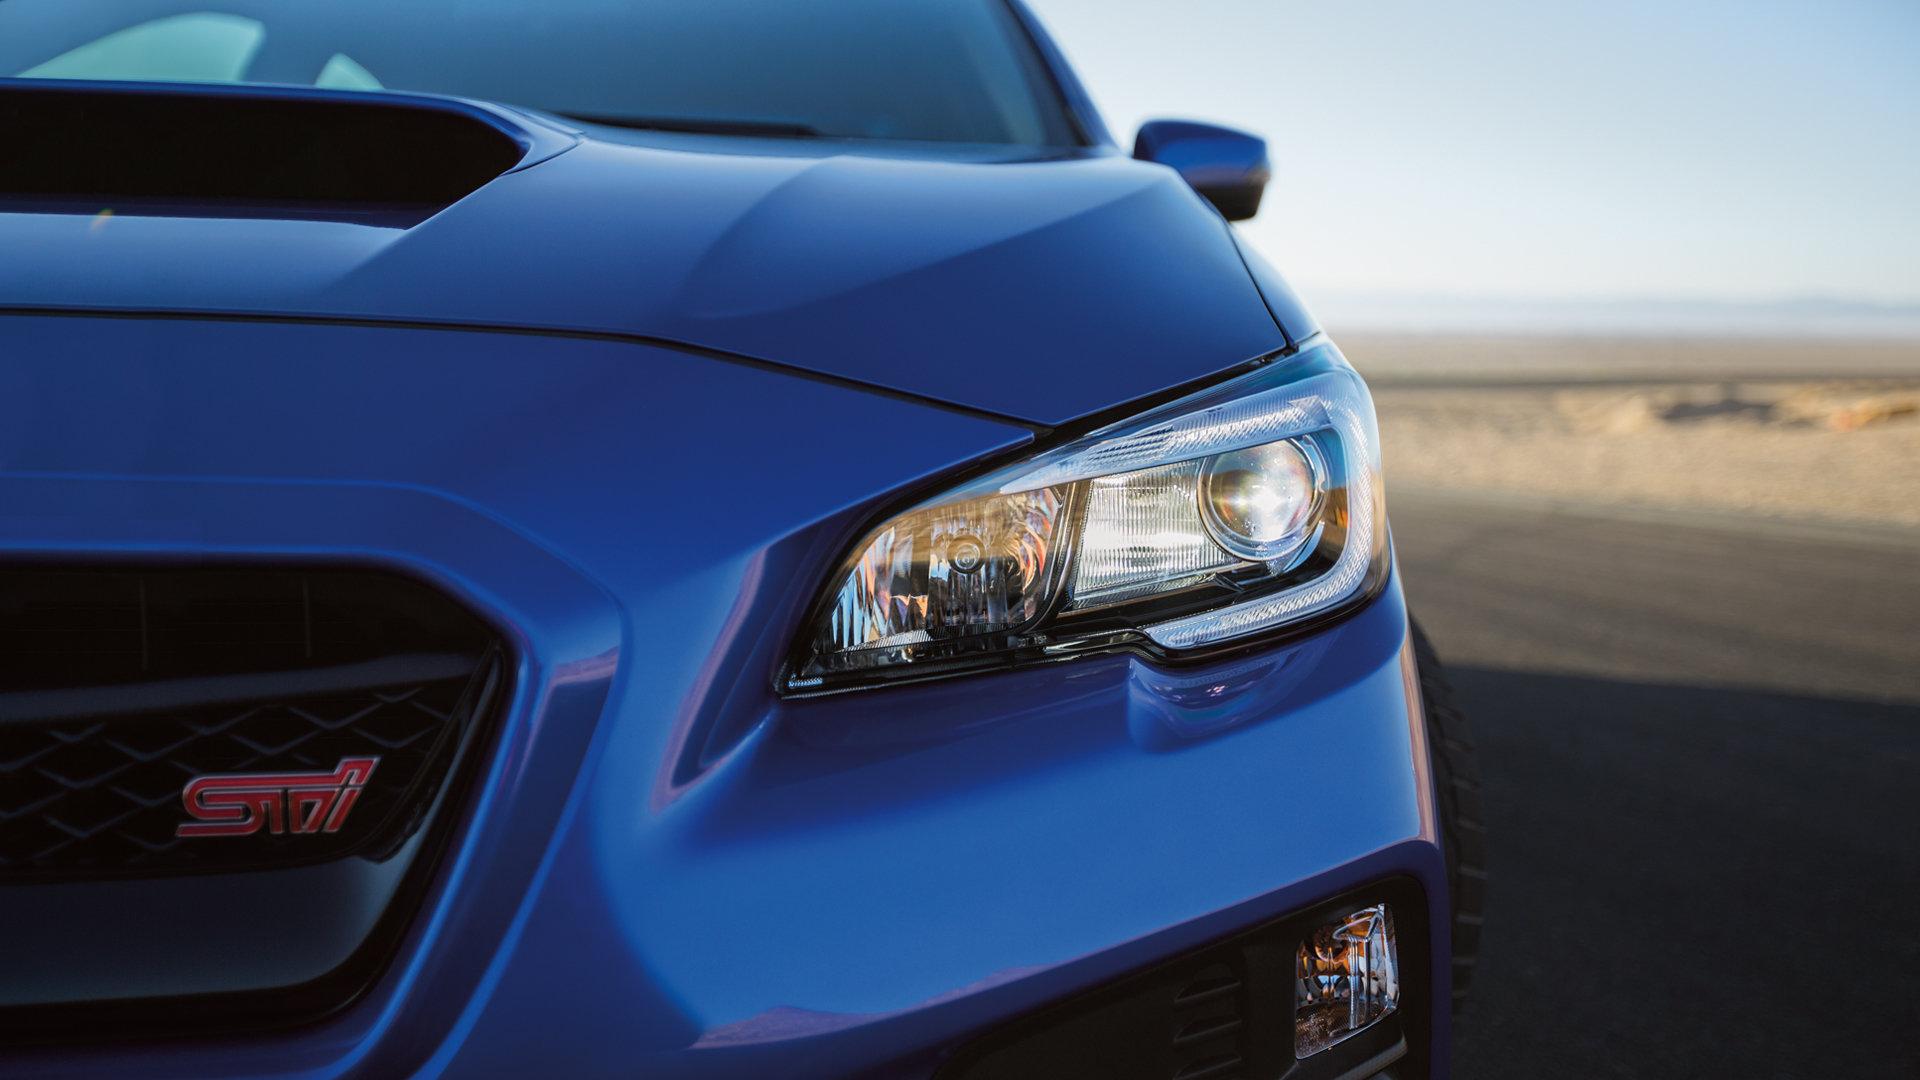 High Resolution Subaru Impreza Wrx Sti Full Hd Wallpaper Id 408175